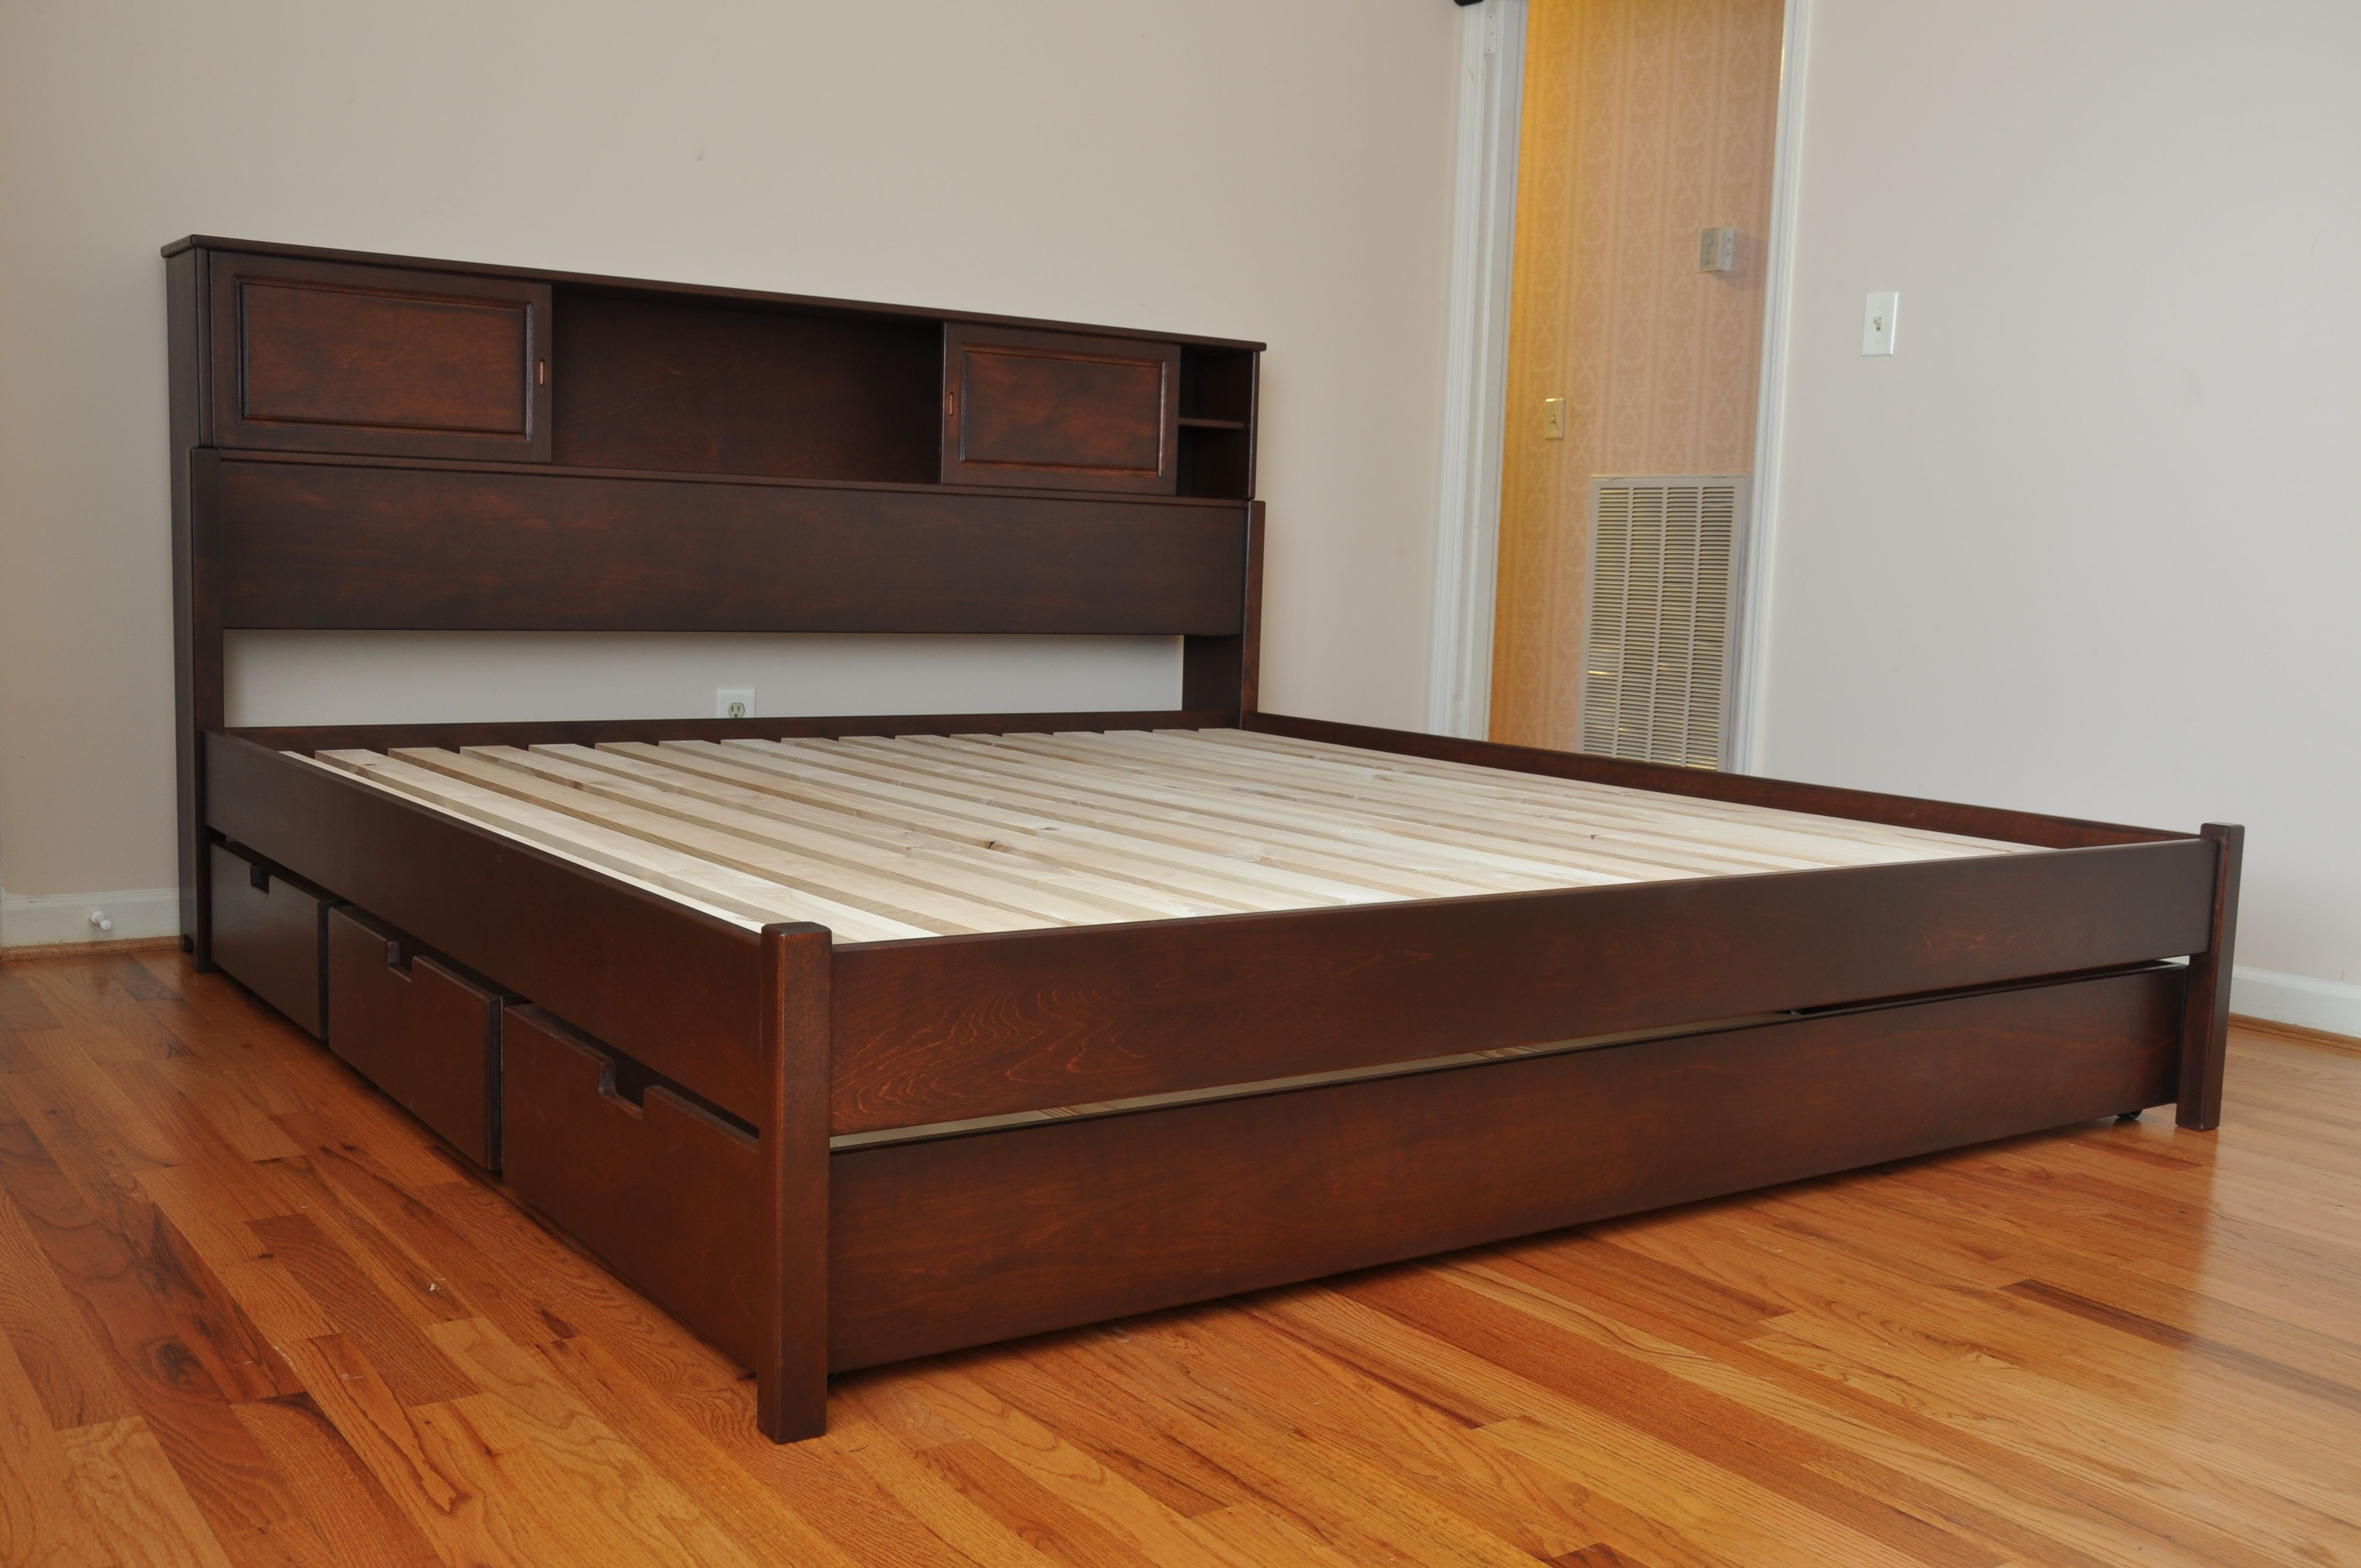 König Möbel Betten Amerikanischen King Size Bett